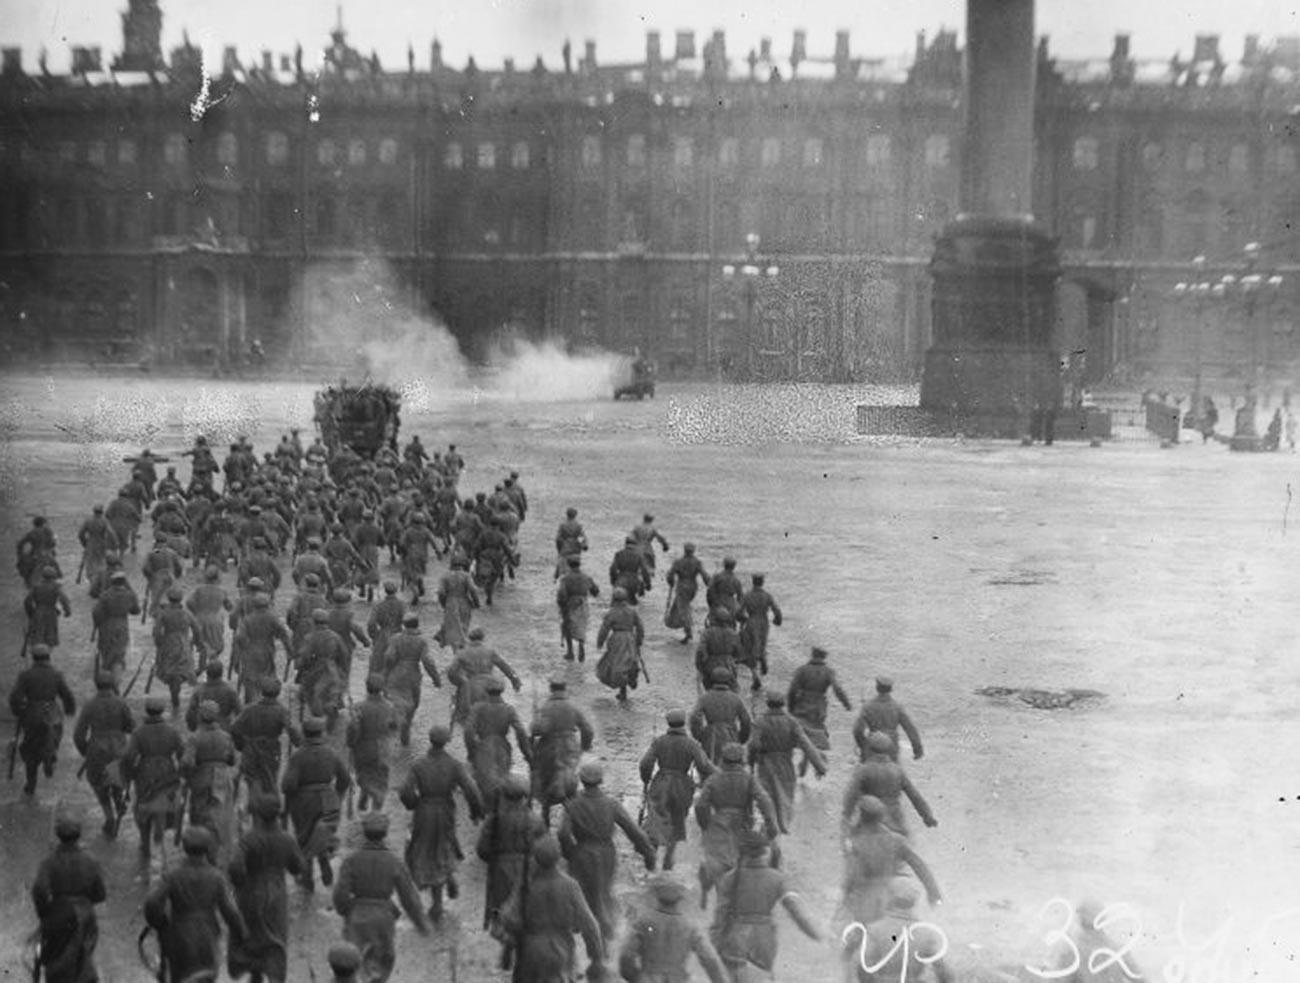 De bestorming van het Winterpaleis.  Een still uit de film 'October: Ten Days That Shook the World' van Sergei Eisenstein